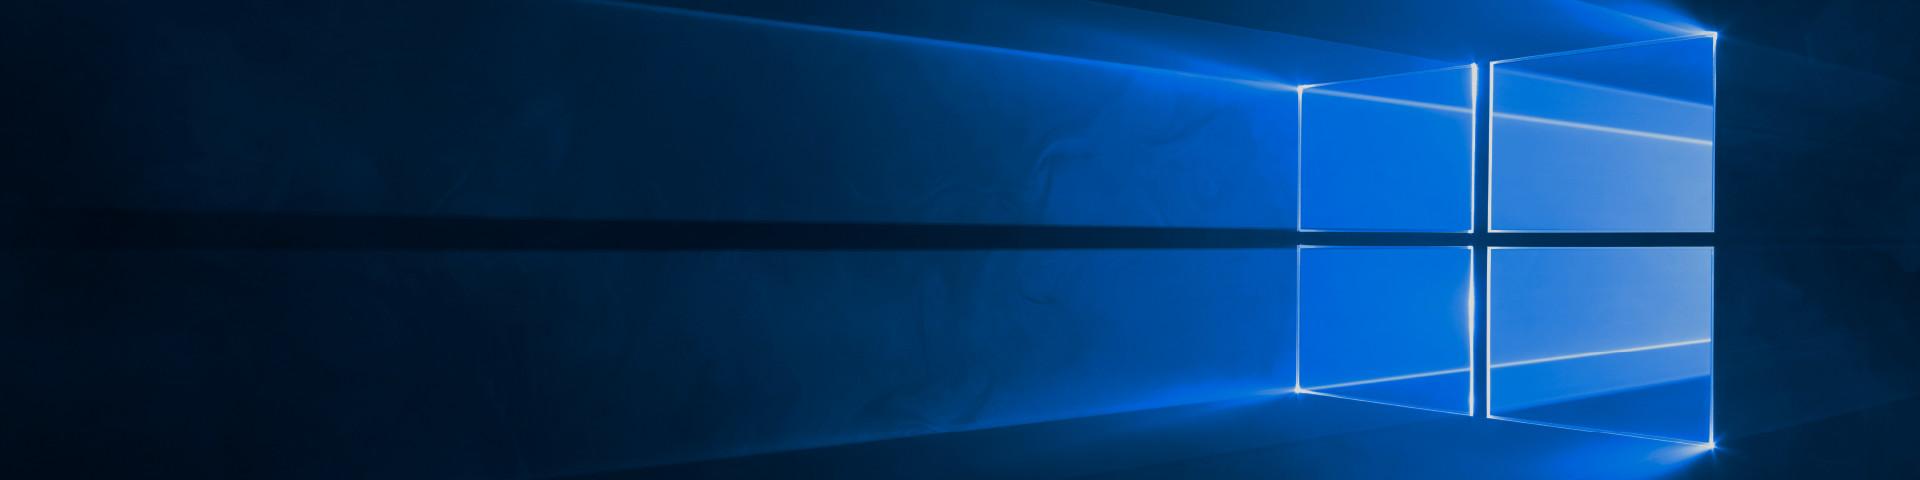 Windows 10 が、今なら無料でダウンロードできます。*